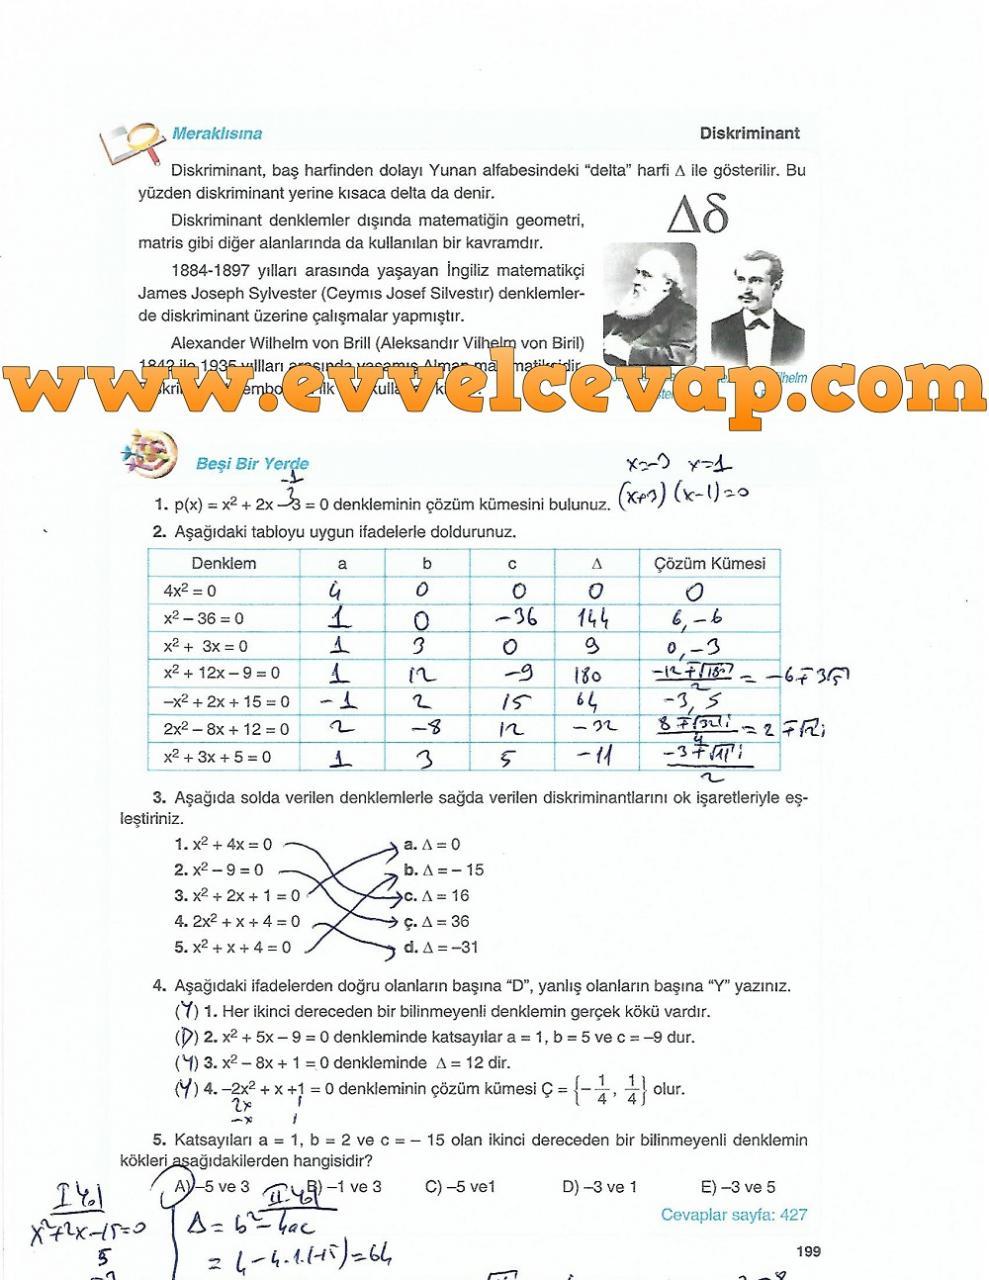 10 Sınıf Tuna Matematik Ders Kitabı Cevapları Sayfa 199 Ders Ve